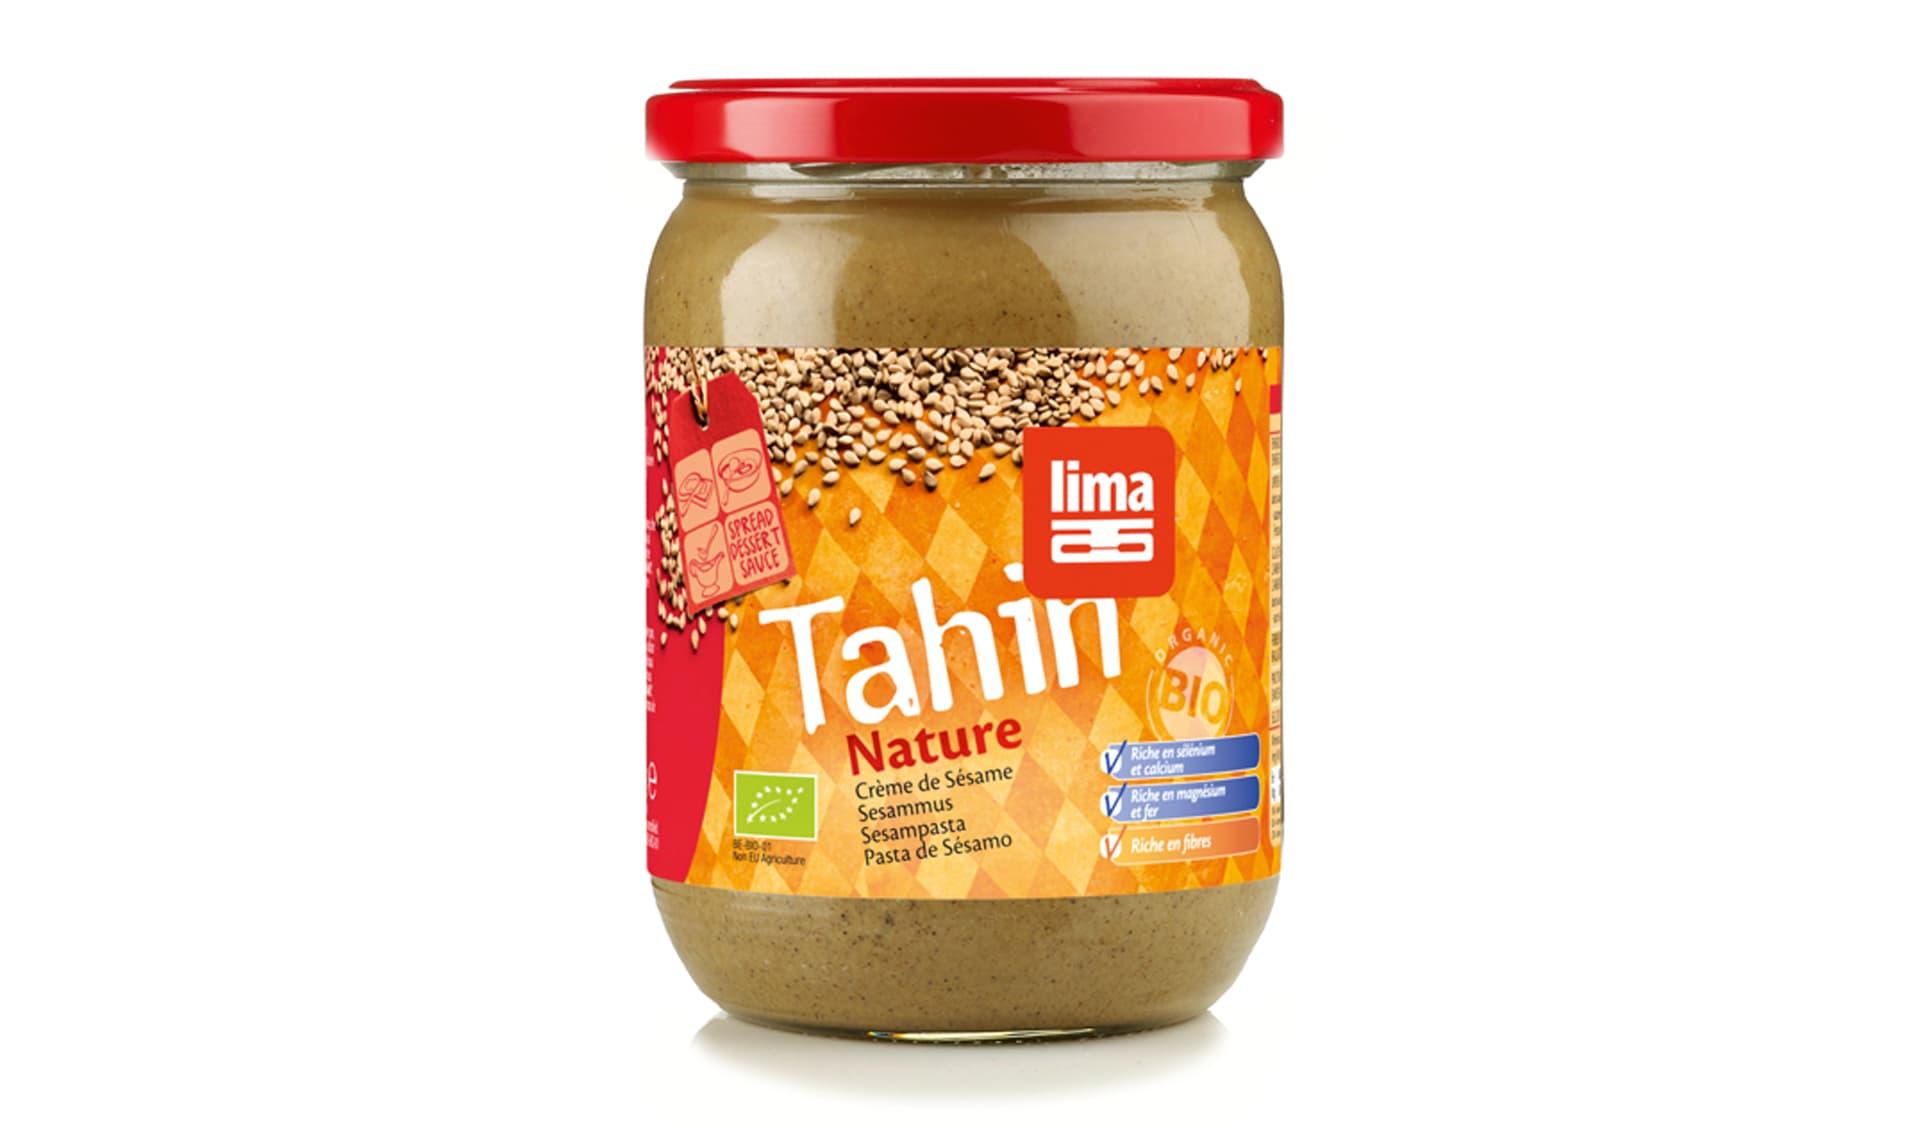 Lima Tahin natur (www.limafood.com)